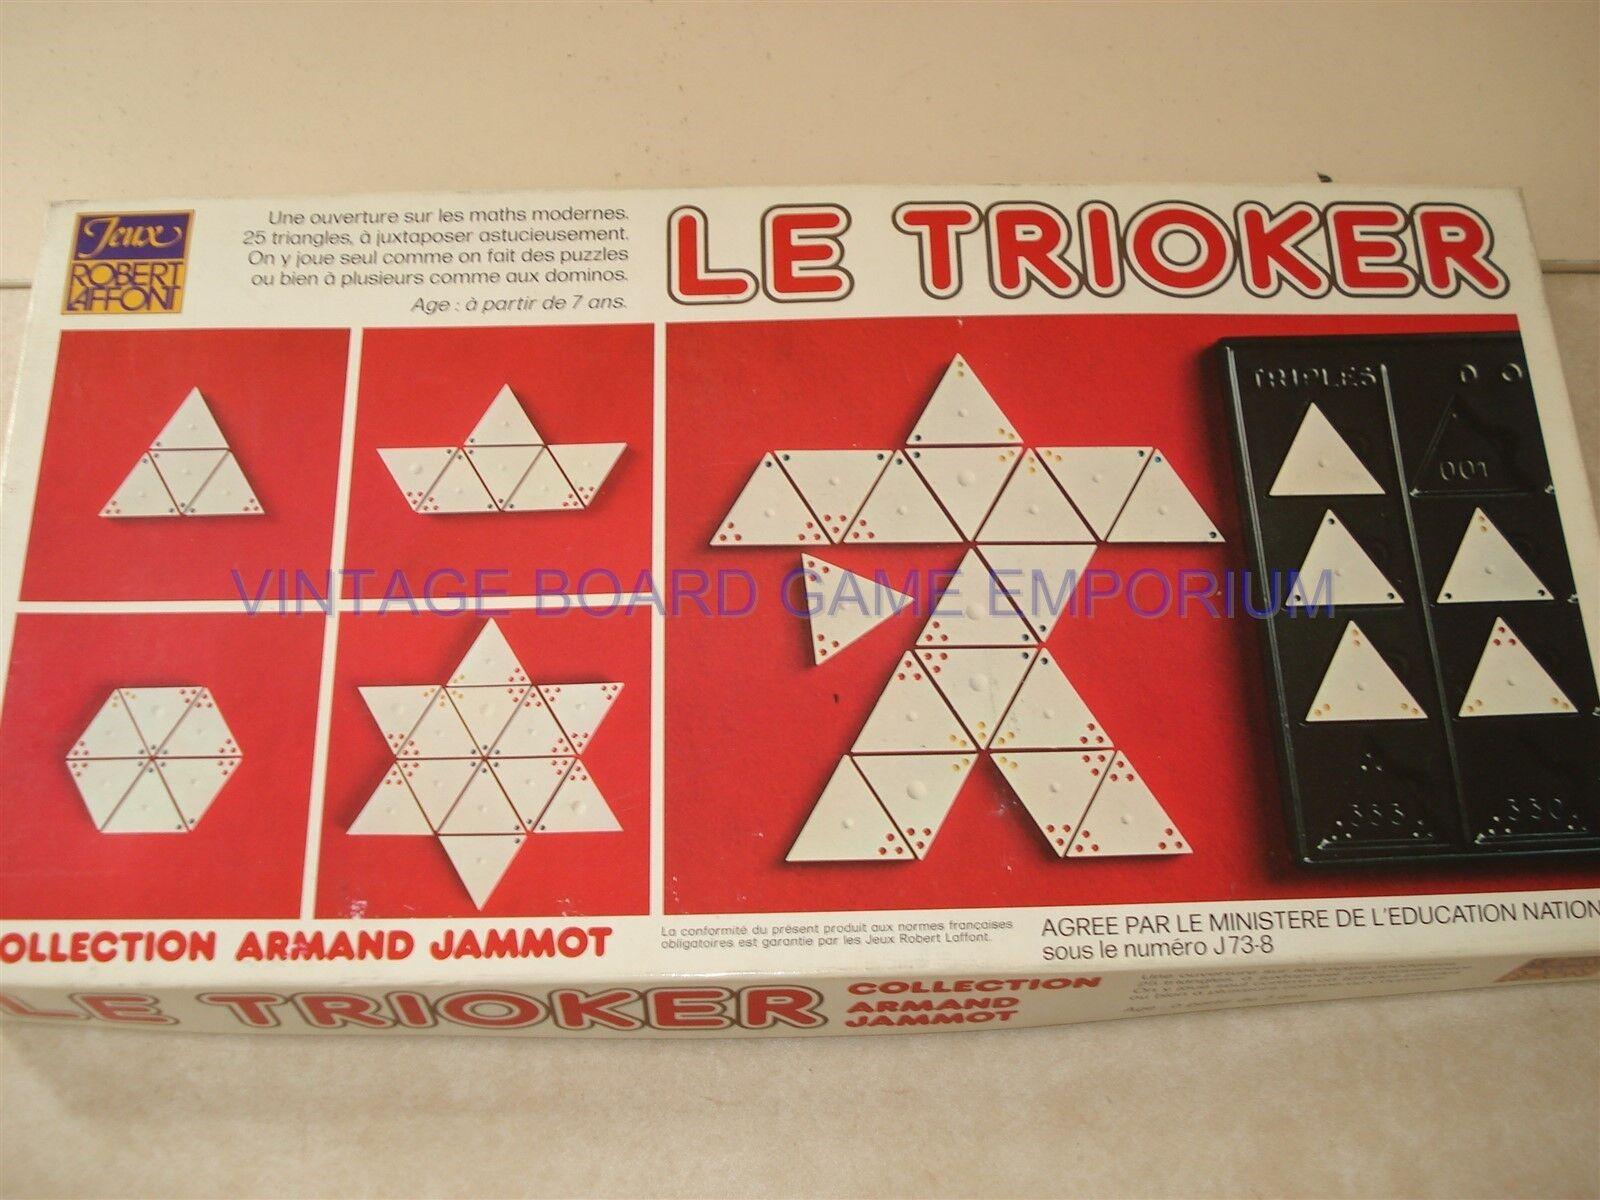 Le trioker GAME-trioker-MATEMATICA MODERNA - 100% - 25 TRIANGOLI-rare item